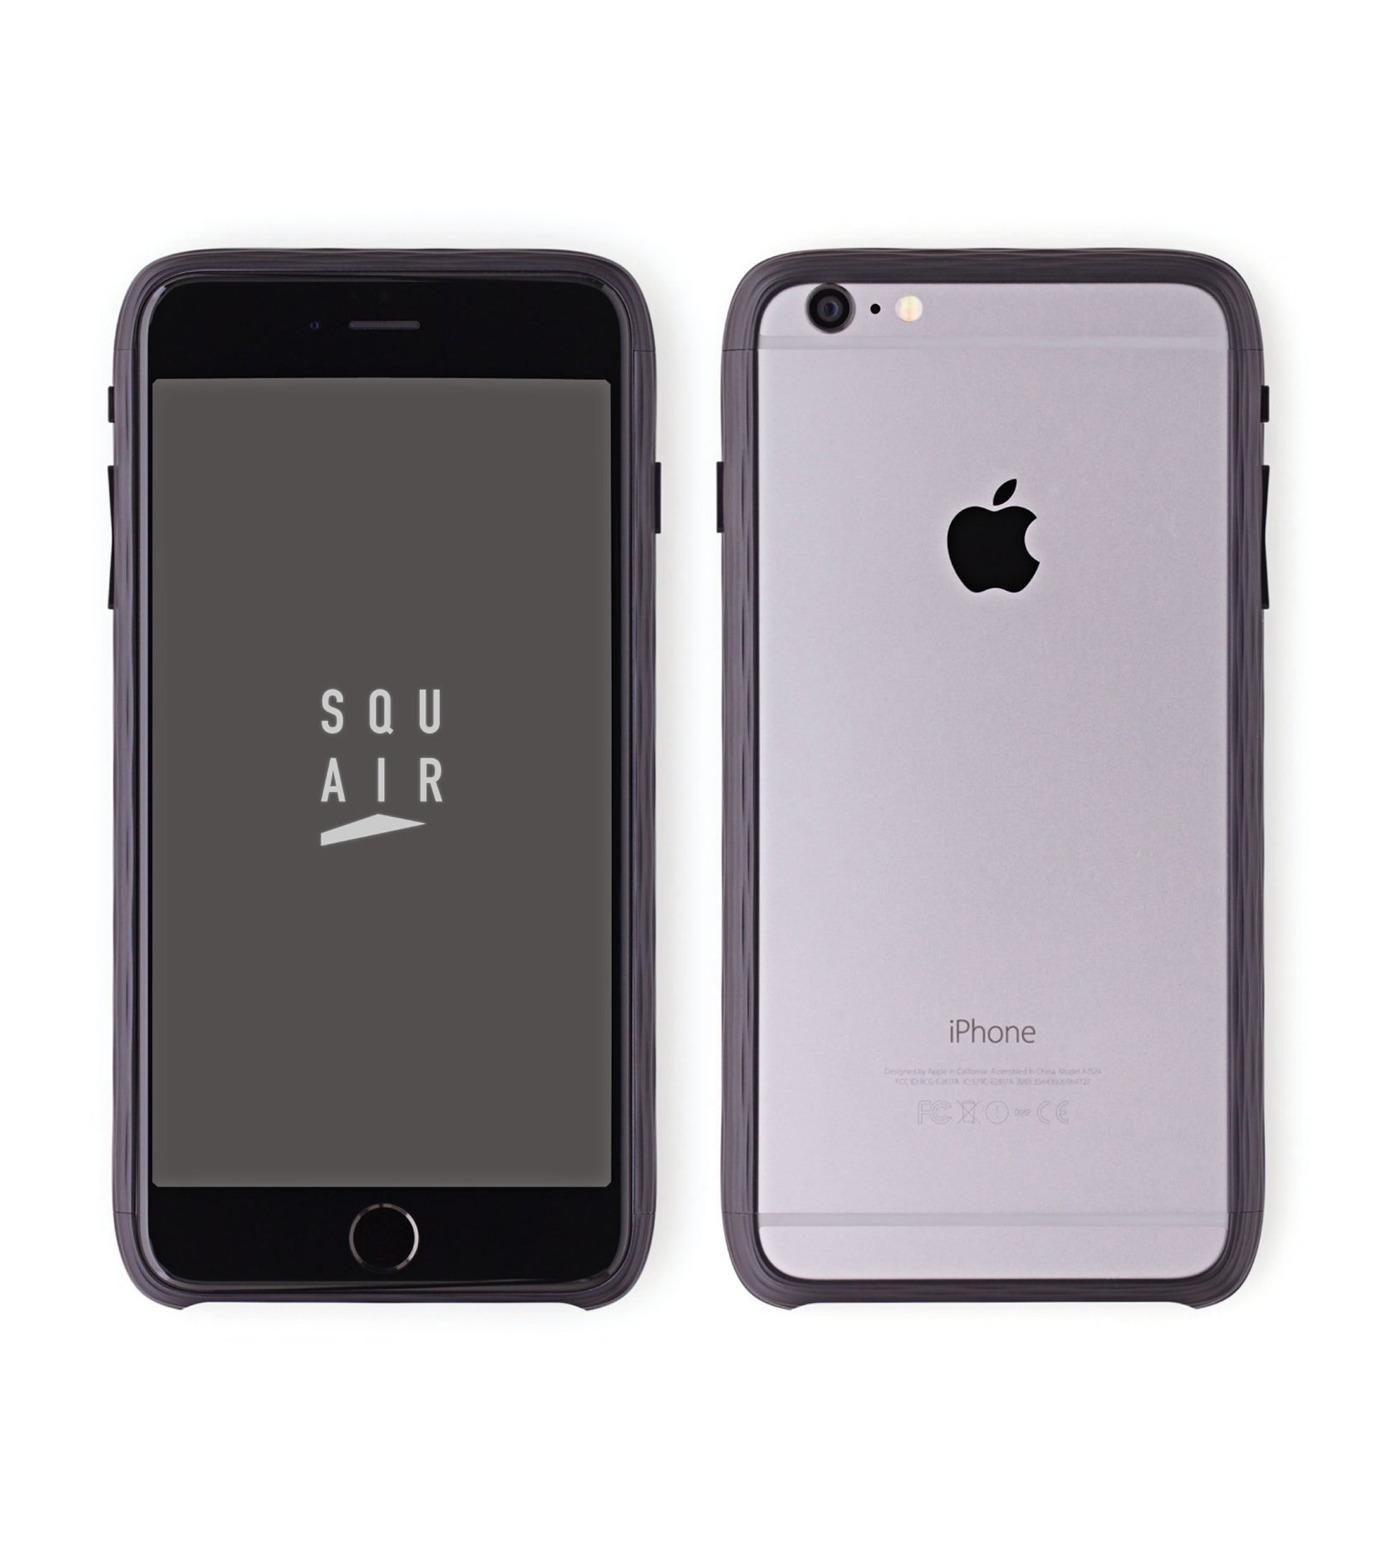 SQUAIR(スクエア)のThe Dimple for iPhone6s plus-BLACK(ケースiphone6plus/6splus/case iphone6plus/6splus)-SQDMP630-BLK-13 拡大詳細画像1